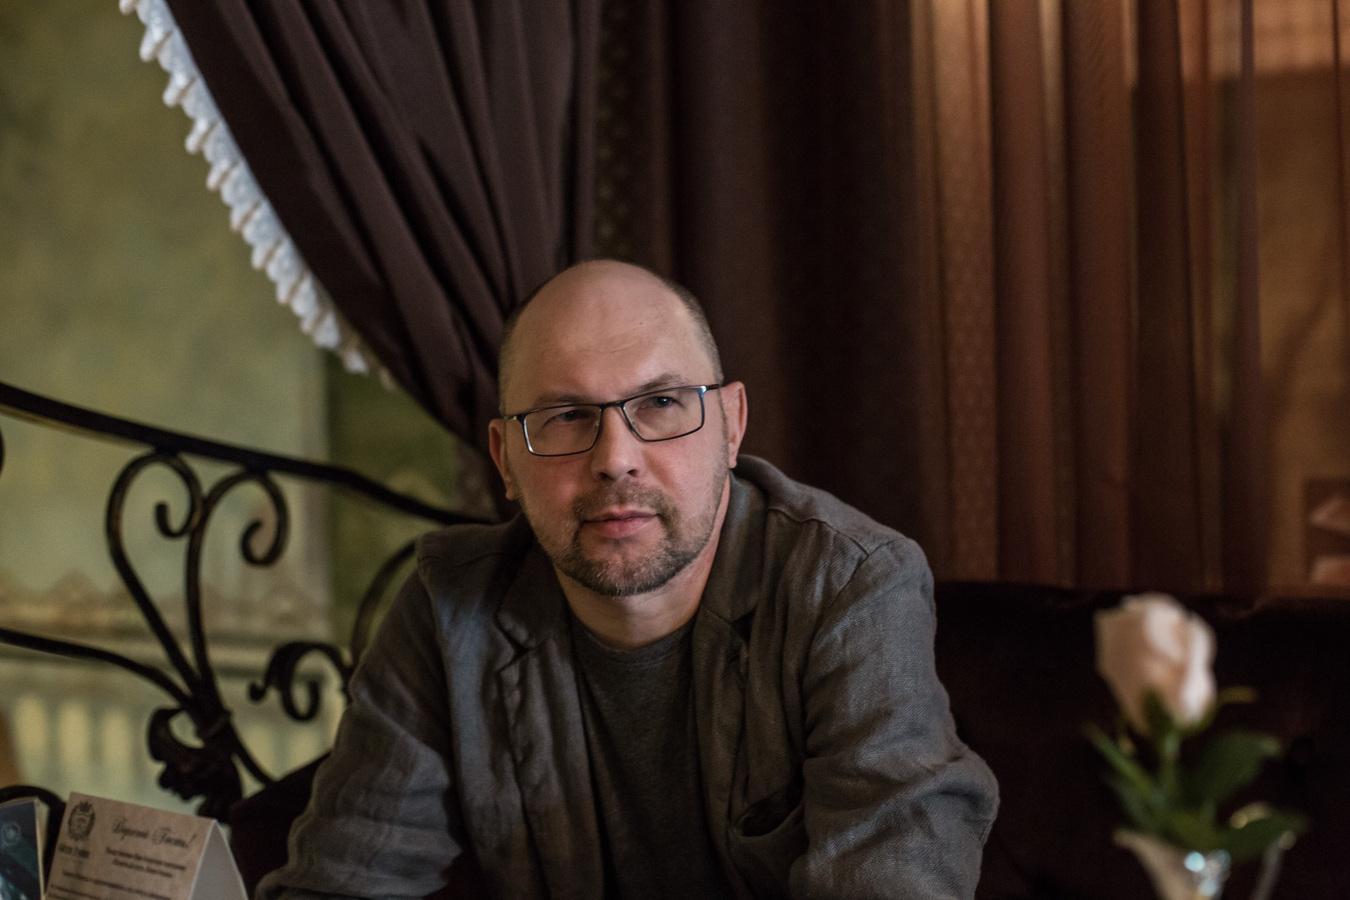 ВИжевске состоится творческая встреча списателем Алексеем Ивановым